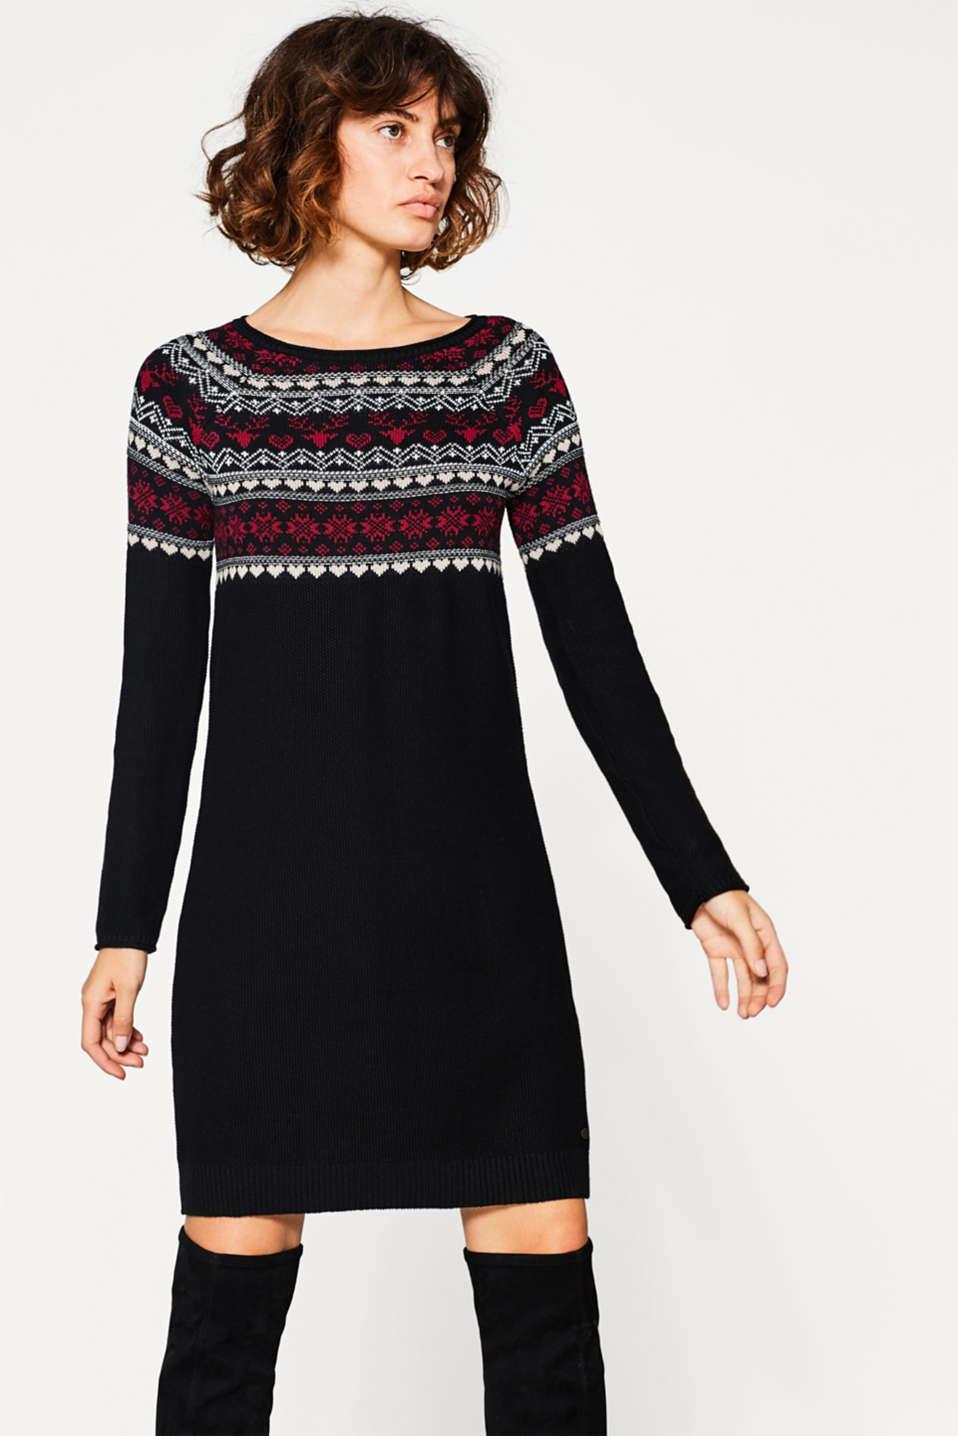 edc robe pull jacquard en coton acheter sur la boutique en ligne. Black Bedroom Furniture Sets. Home Design Ideas